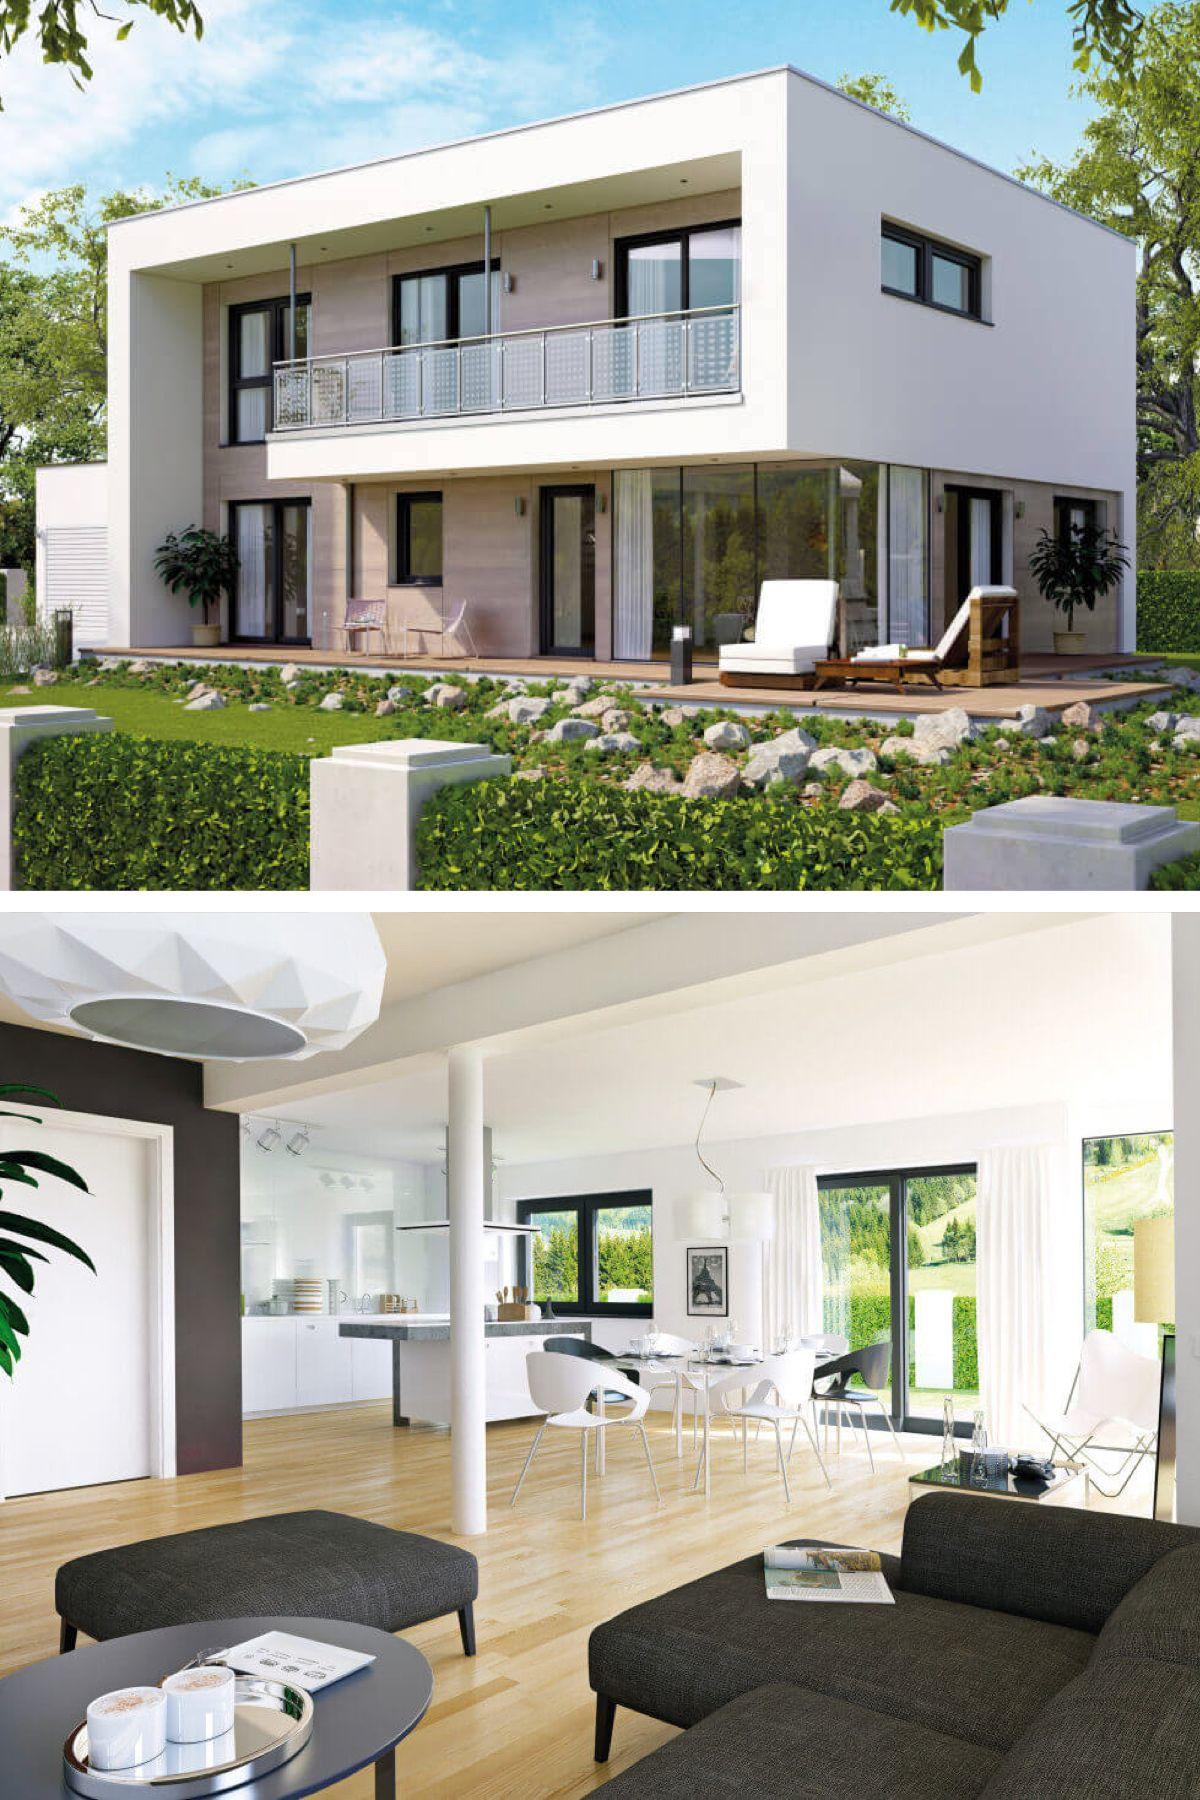 Stadtvilla modern Bauhaus-Stil mit Flachdach-Architektur - Haus ...